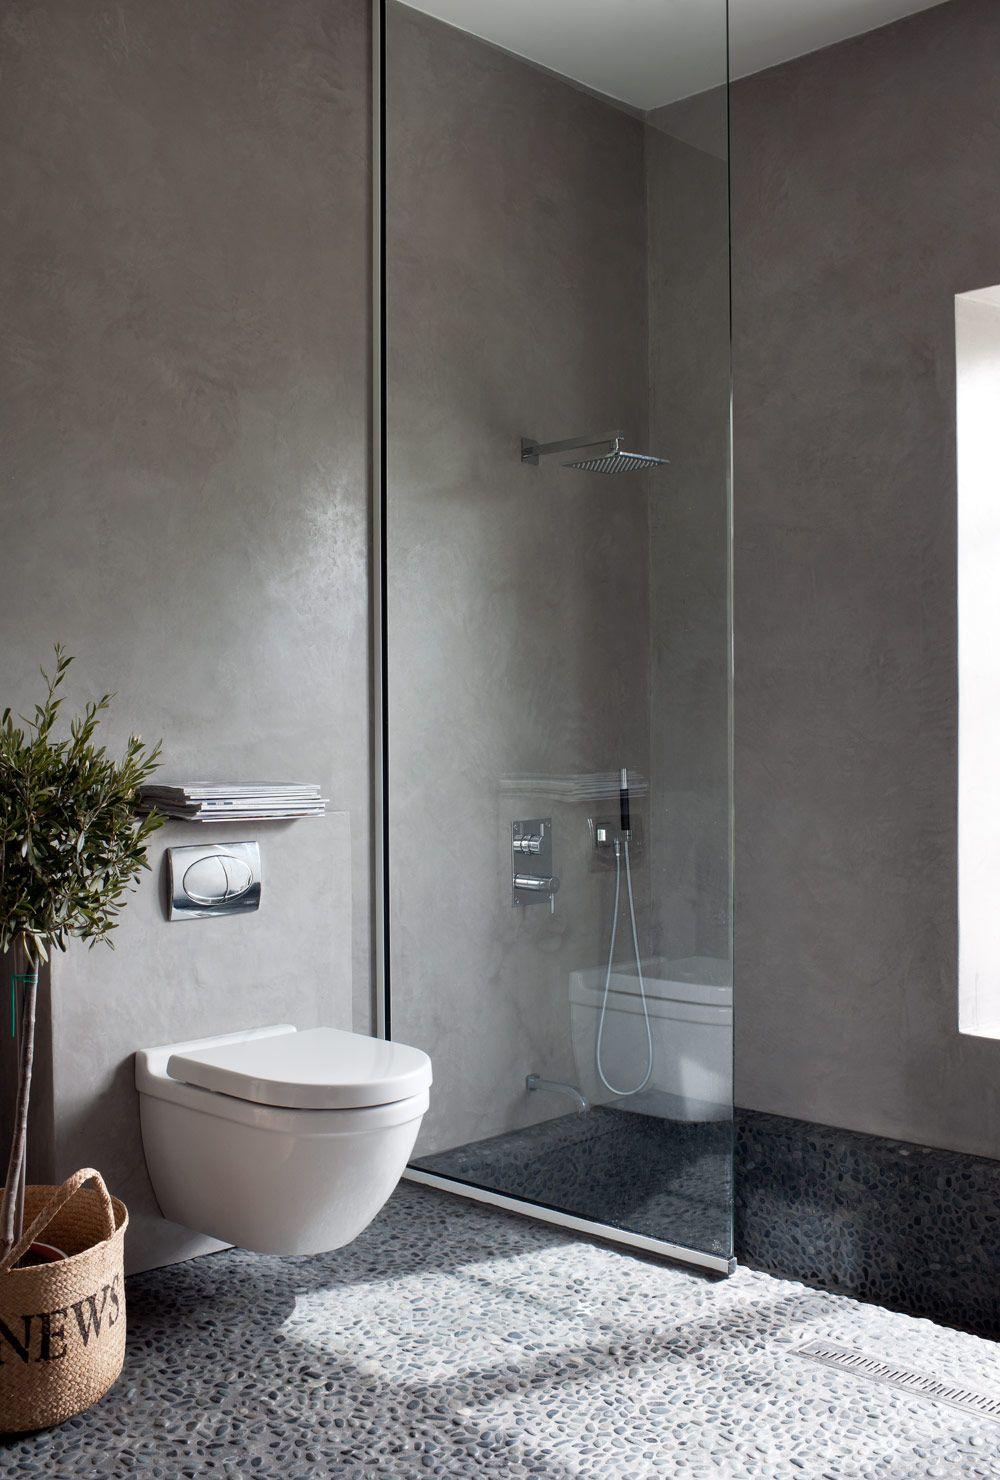 Mooi die betonverf op de muur - badkamer | Pinterest - Badkamer ...